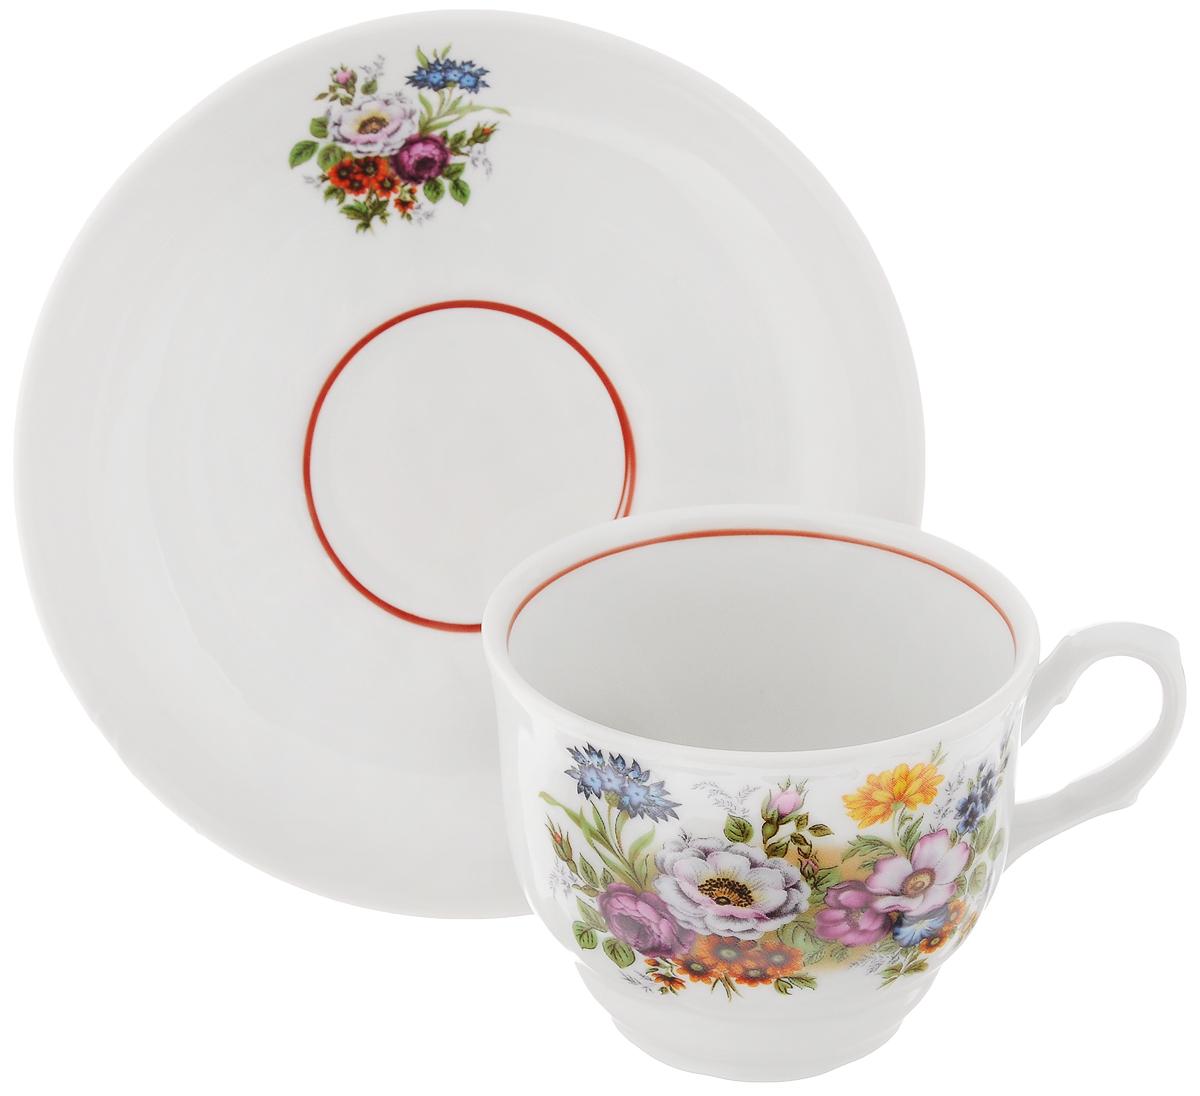 Чайная пара Тюльпан. Букет цветов, 2 предметаVT-1520(SR)Чайная пара Тюльпан. Букет цветов состоит из чашки и блюдца, изготовленных из высококачественного фарфора. Яркий дизайн изделий, несомненно, придется вам по вкусу.Чайная пара Тюльпан. Букет цветов украсит ваш кухонный стол, а также станет замечательным подарком к любому празднику.Диаметр чашки (по верхнему краю): 8,5 см.Высота чашки: 7 см.Диаметр блюдца (по верхнему краю): 15 см.Высота блюдца: 3 см.